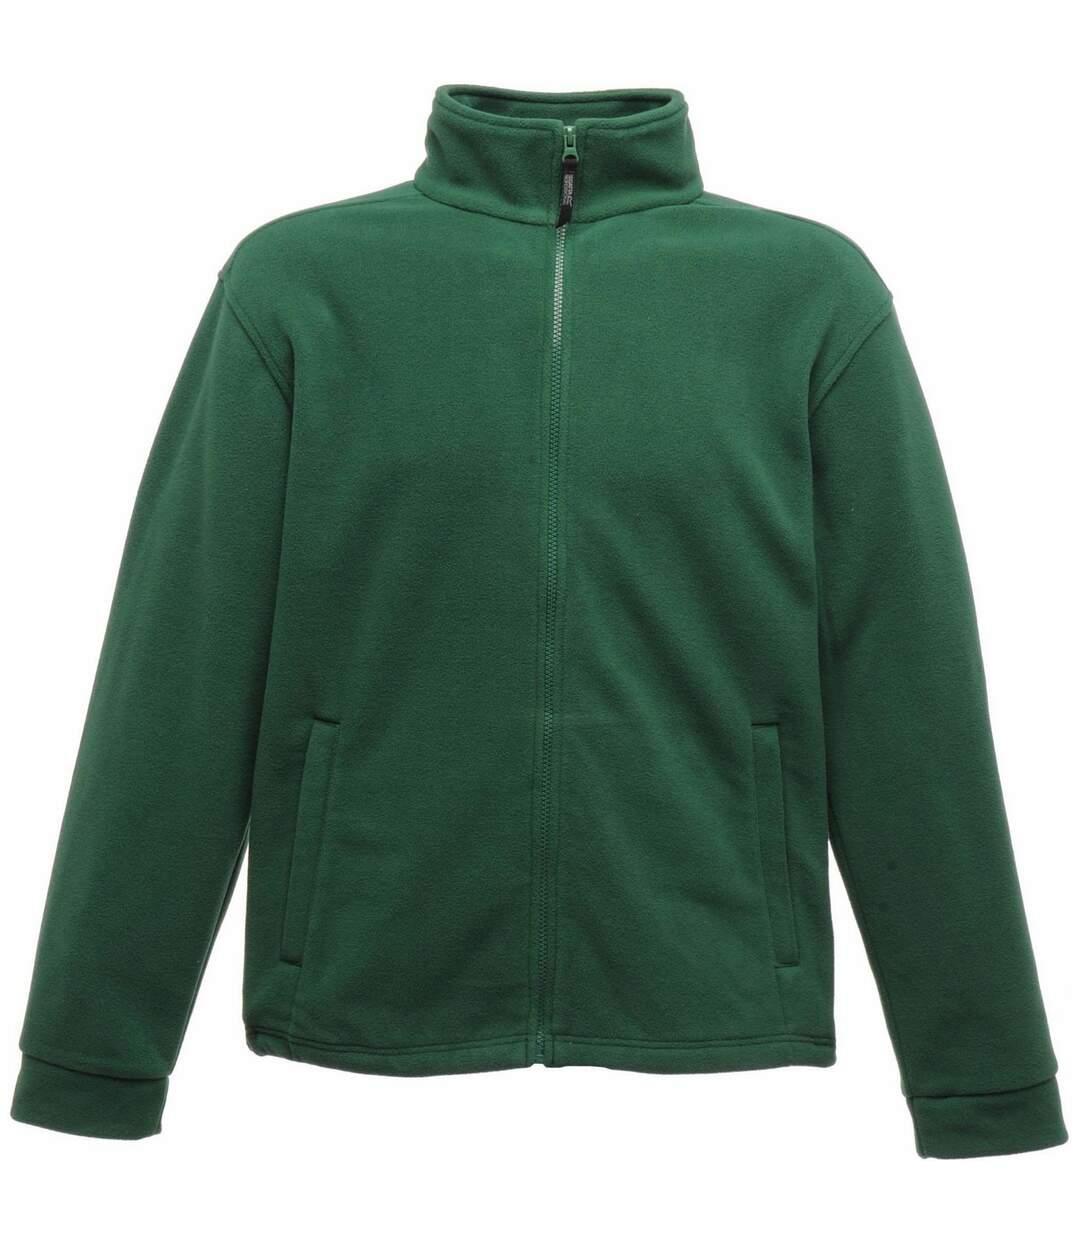 Regatta Mens Classic Fleece (Bottle Green) - UTRG1623